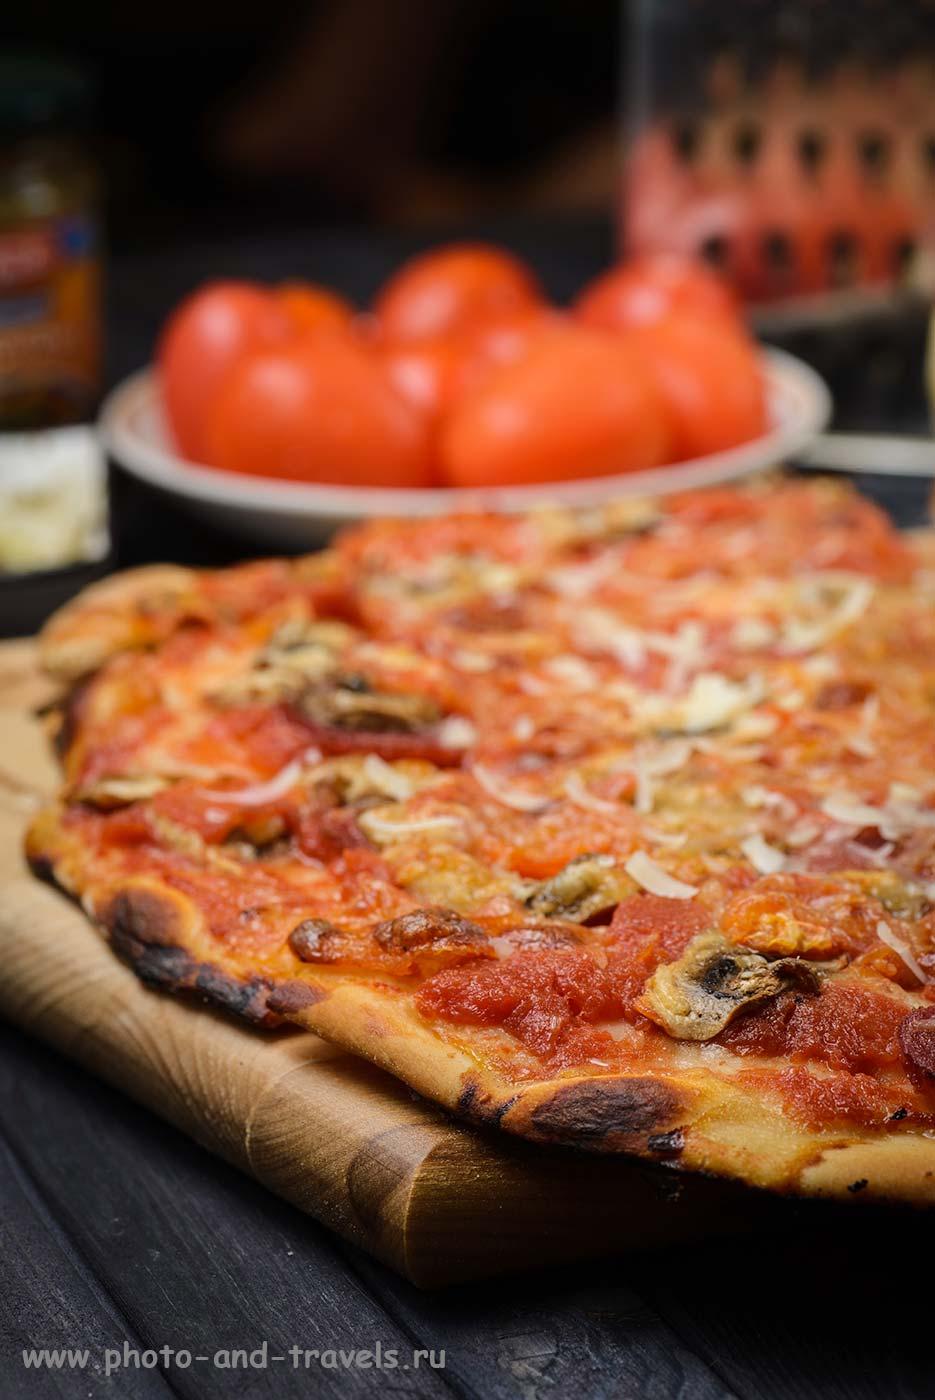 15. Итальянская пицца «Pizza Regina». Примеры использования с Тамрон 90/2,8 в фуд-фотографии (М, 90мм, f11, 1/3сек, ISO 100, вспышка).